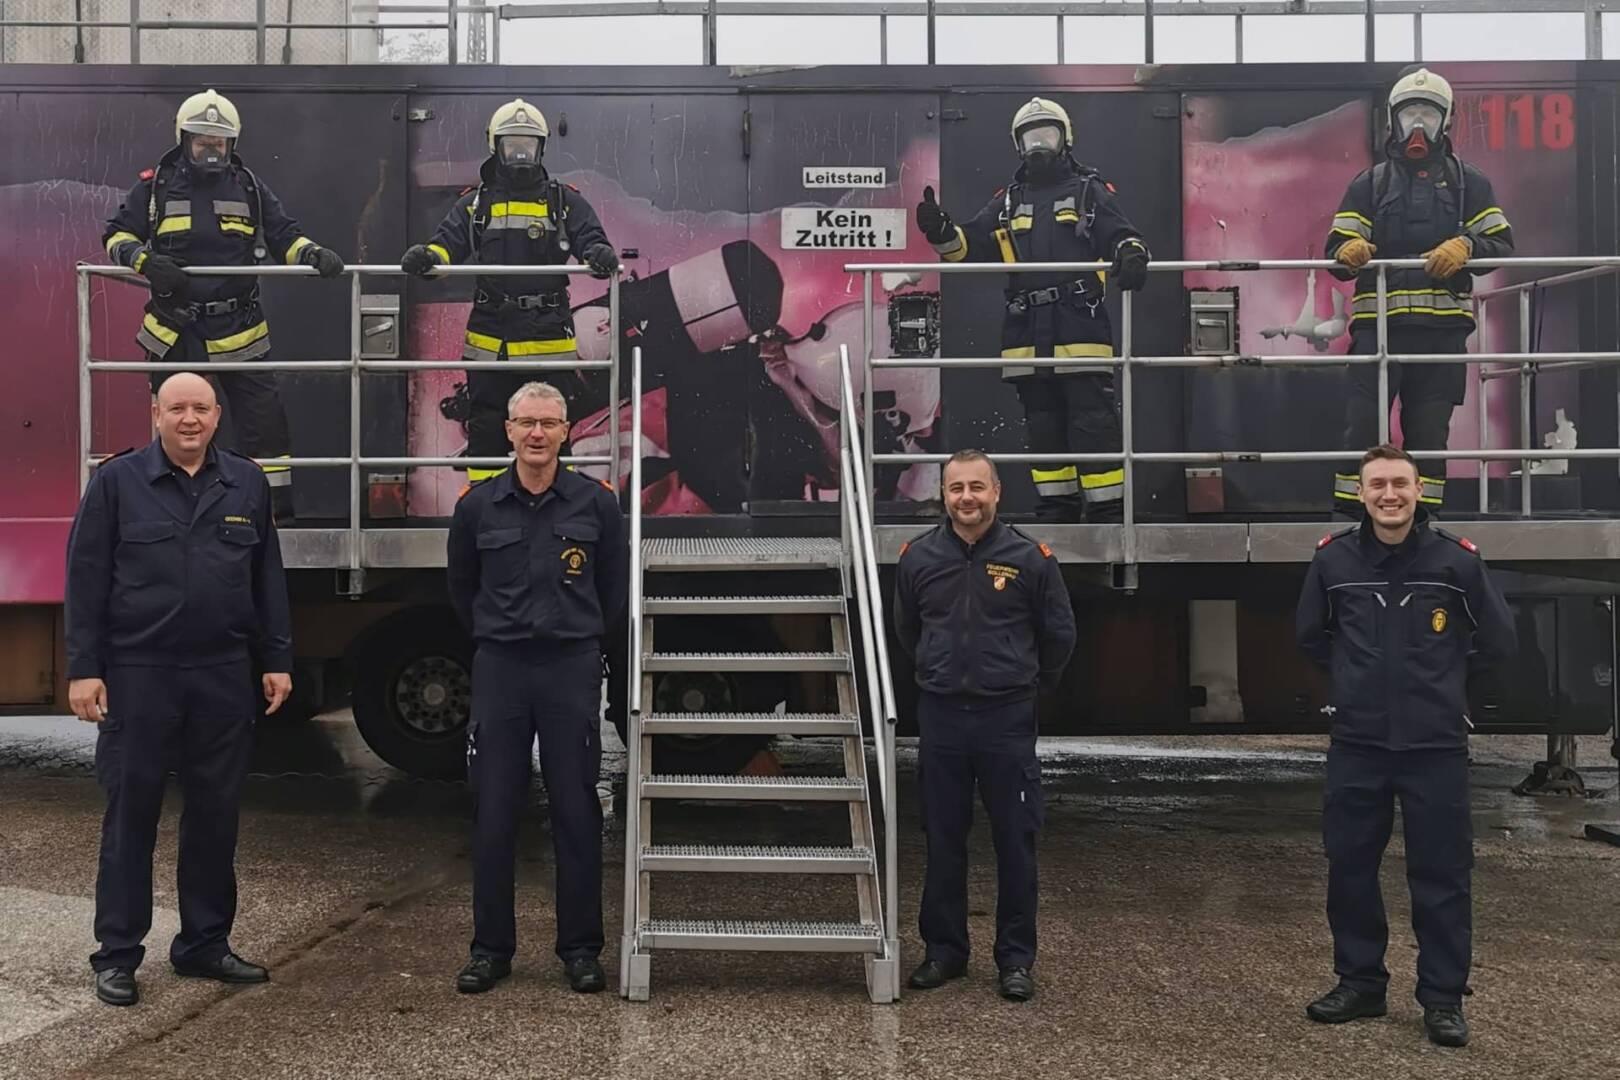 Heißausbildung Stufe 4 der Feuerwehr in Sollenau